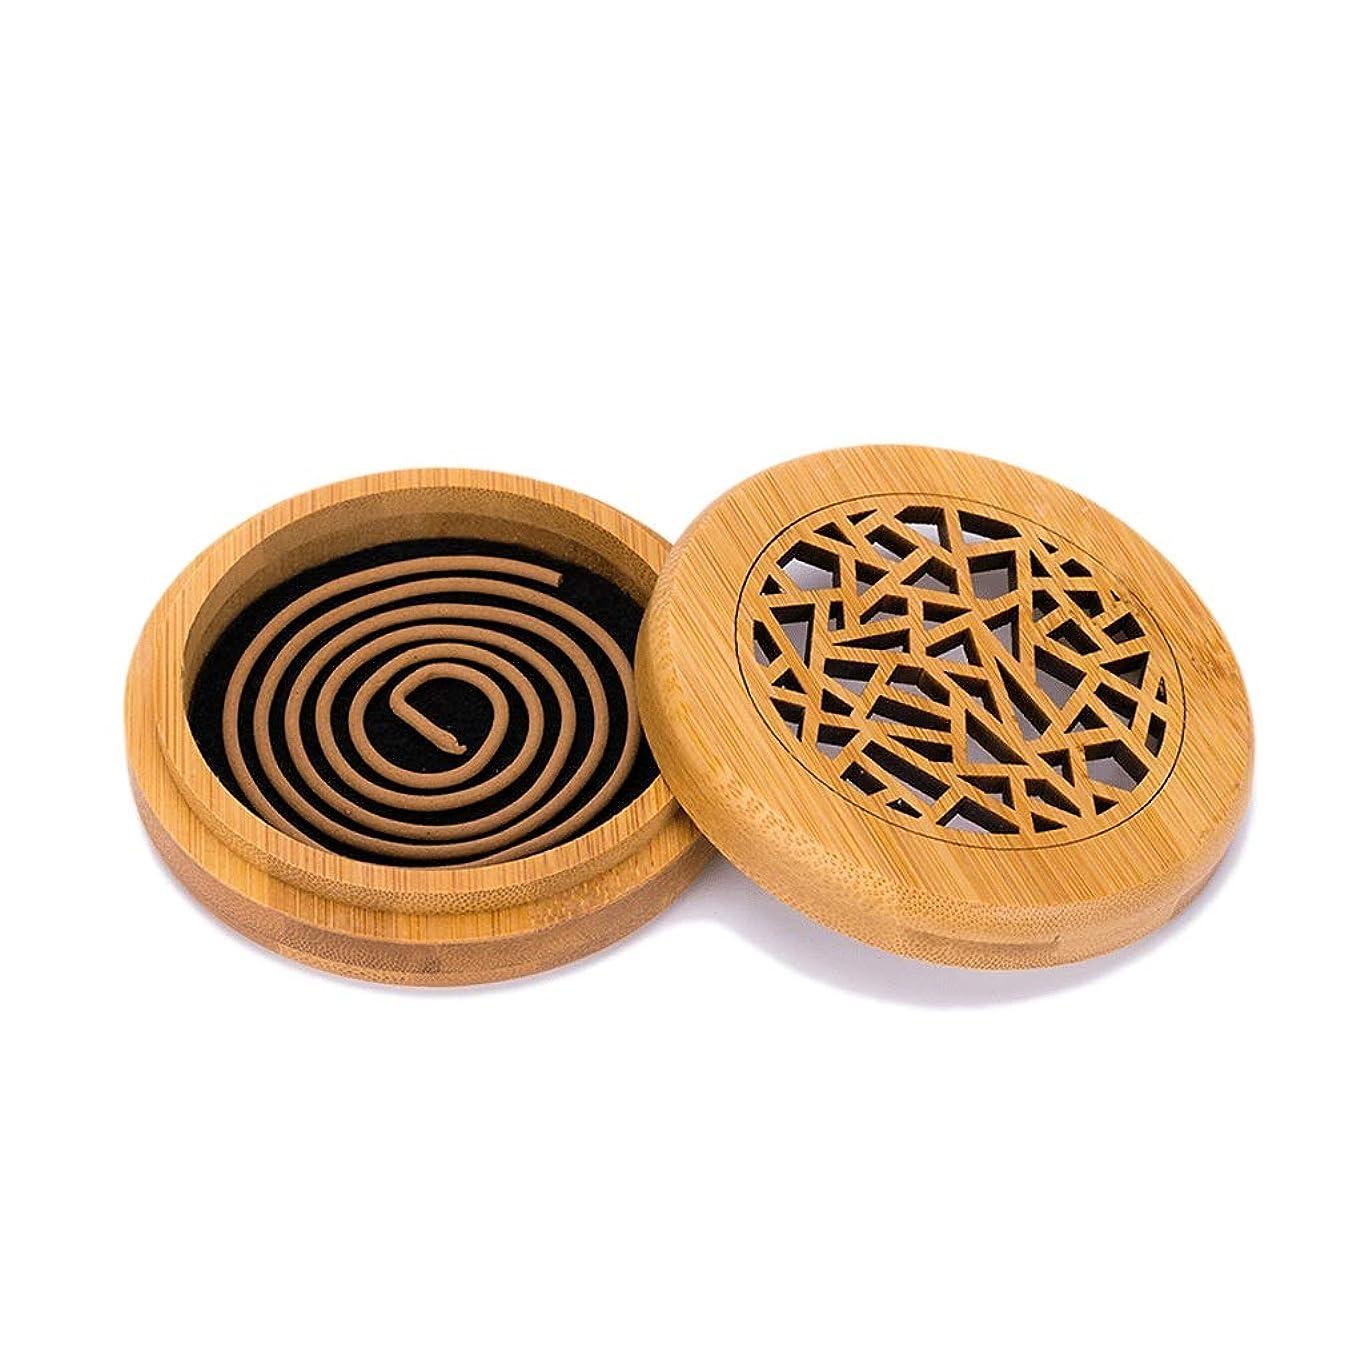 傾向ネスト比率竹の香バーナーコイルの香バーナー部屋の装飾瞑想竹の香り天然素材香ホルダー (Color : WOOD, サイズ : Round)